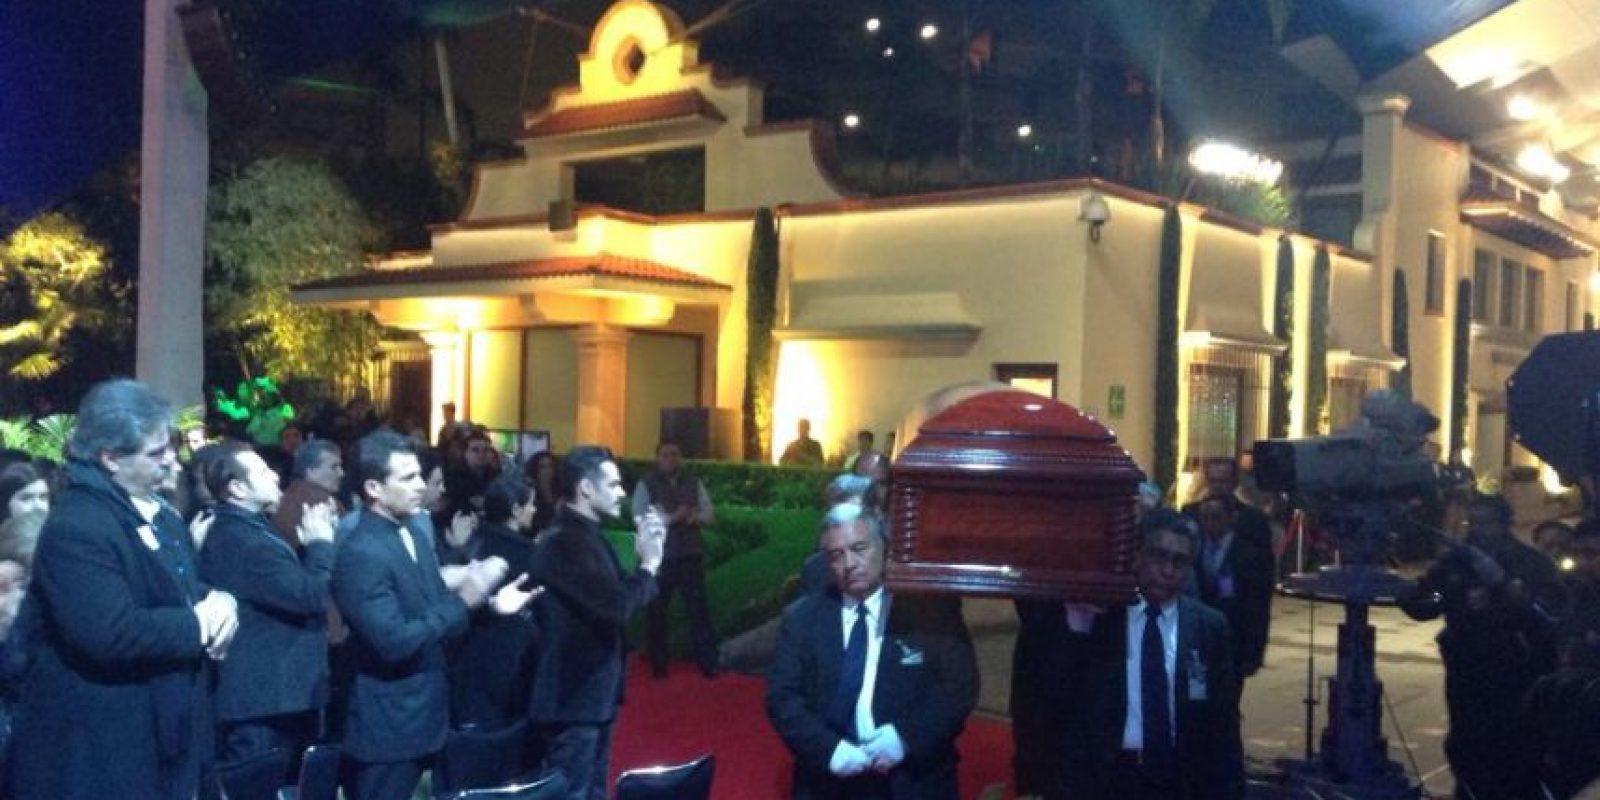 Asistentes aplauden ante el cuerpo de Bolaños. Foto:Facebook/Televisatelevisionmx